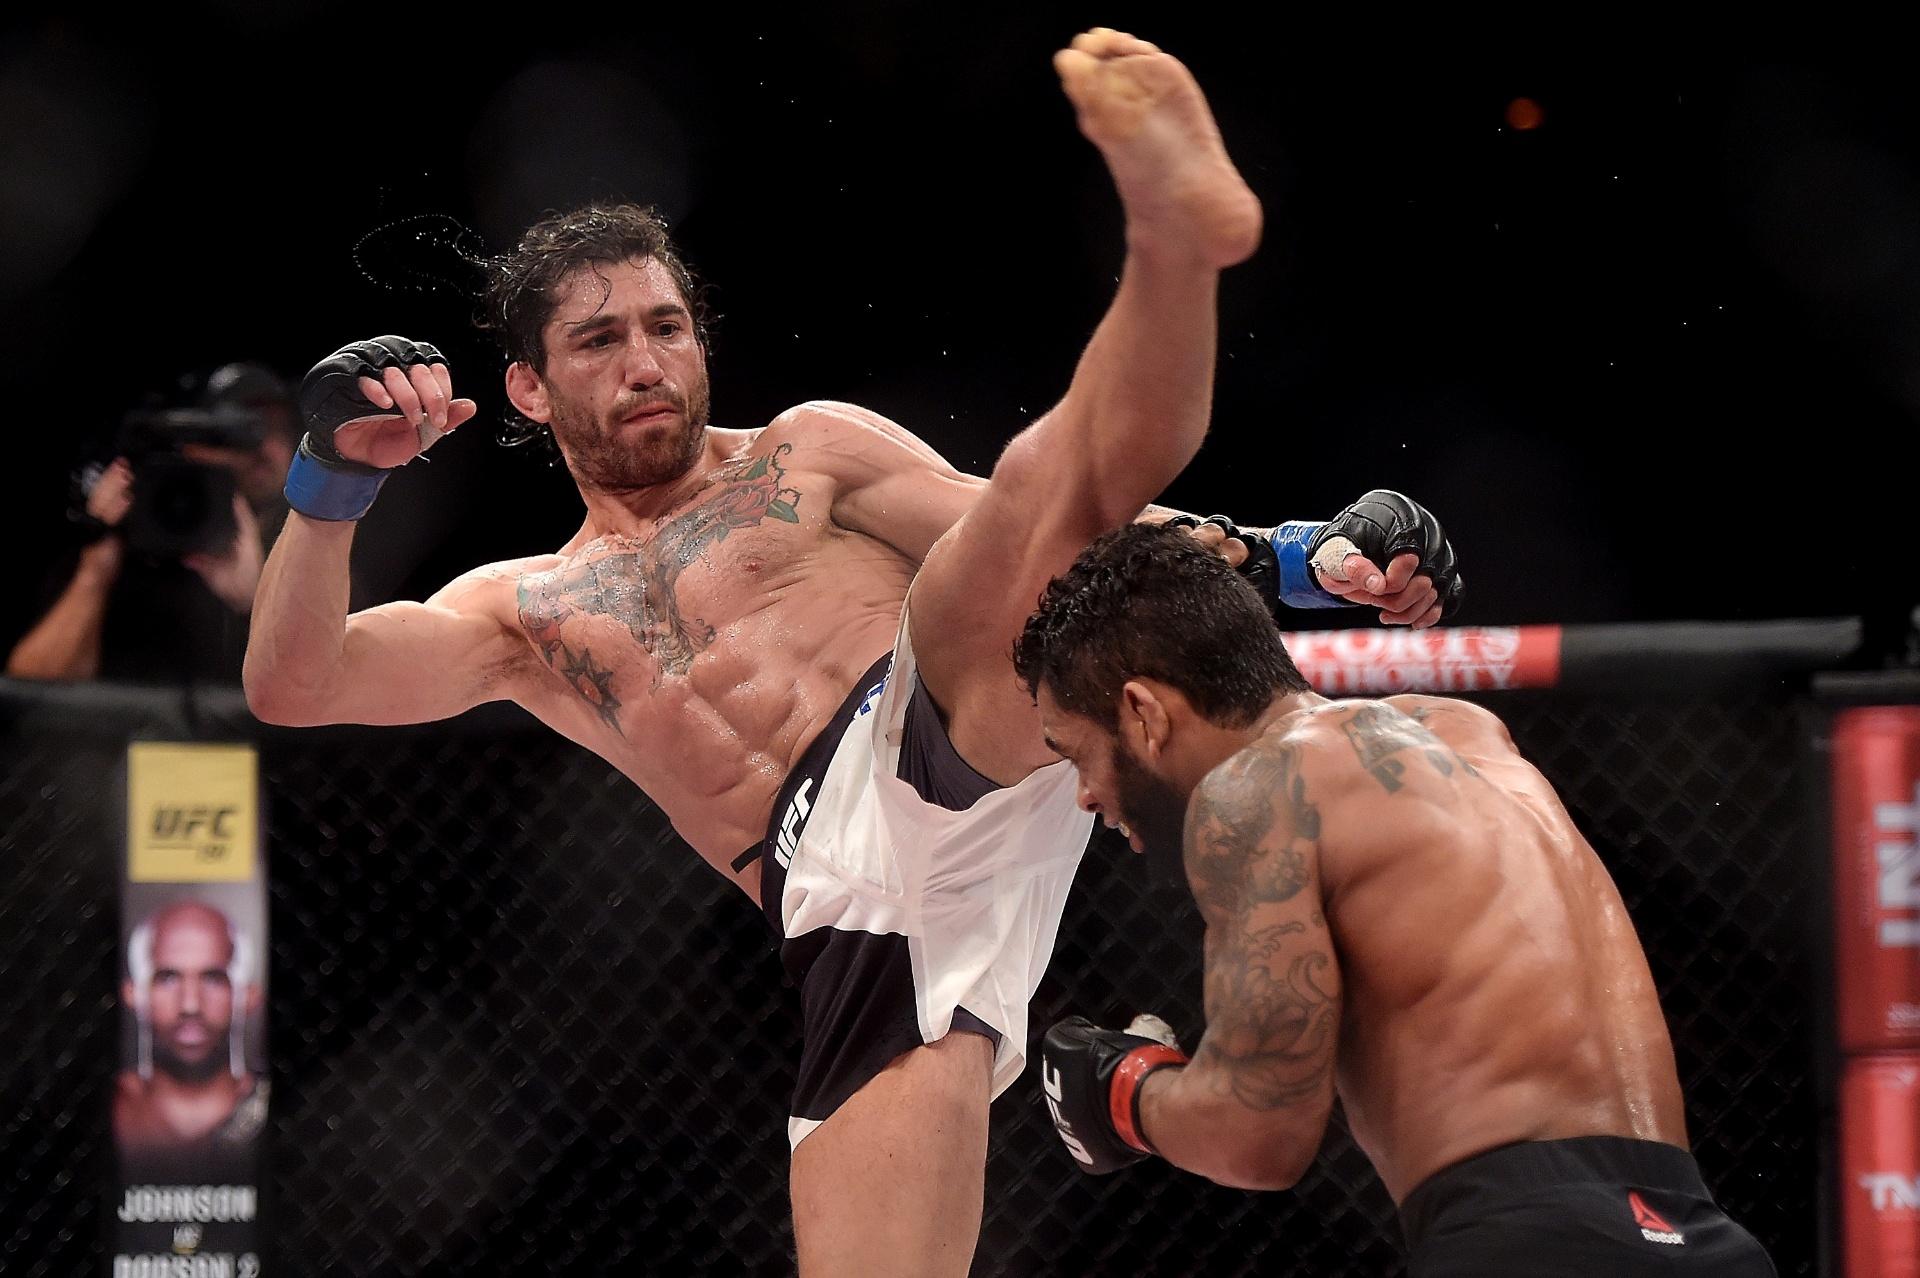 Quem sobe e quem desce no UFC 190